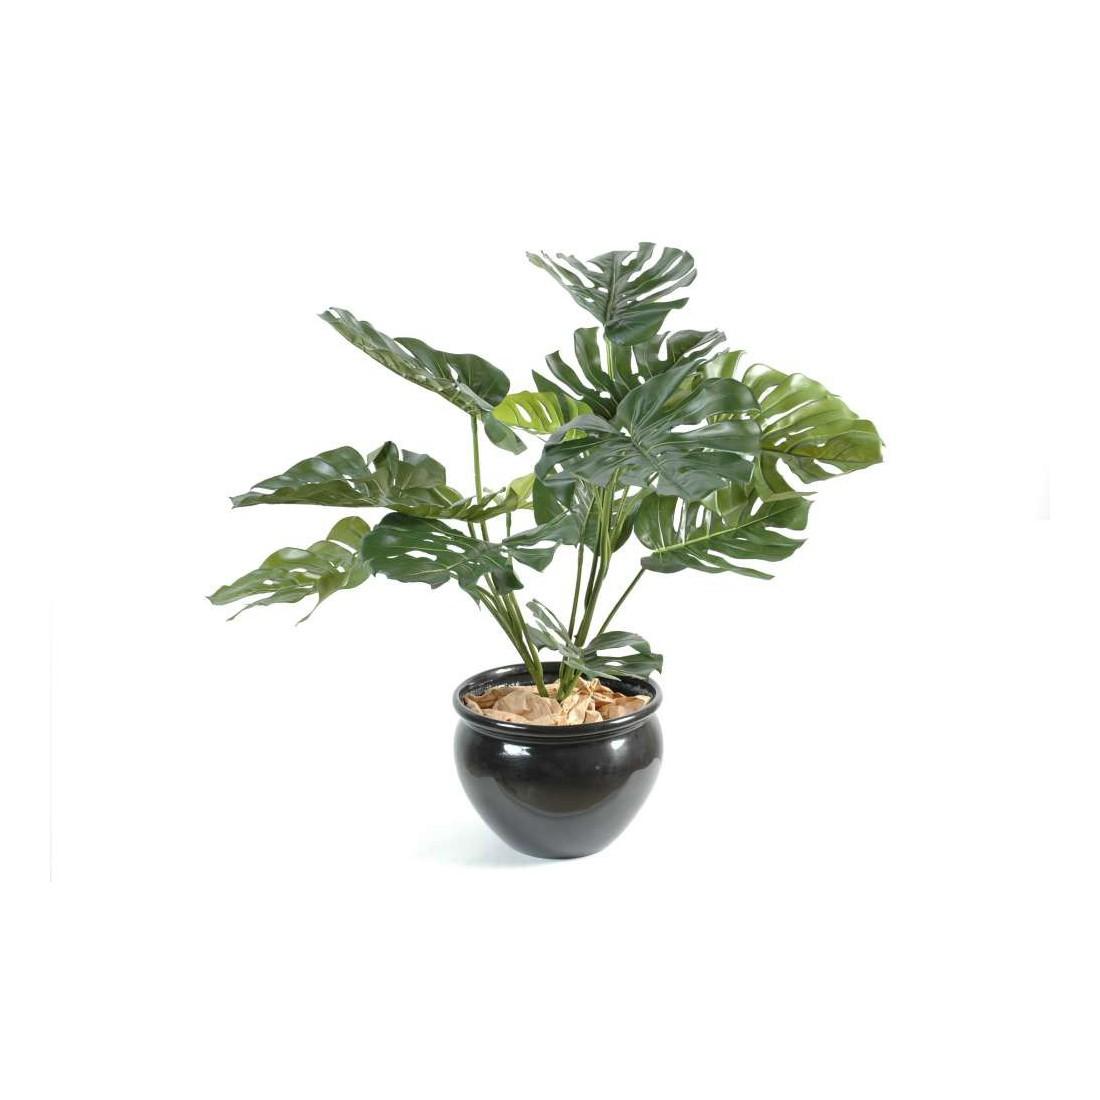 Plantes vertes artificielles lyon for Plantes vertes hautes